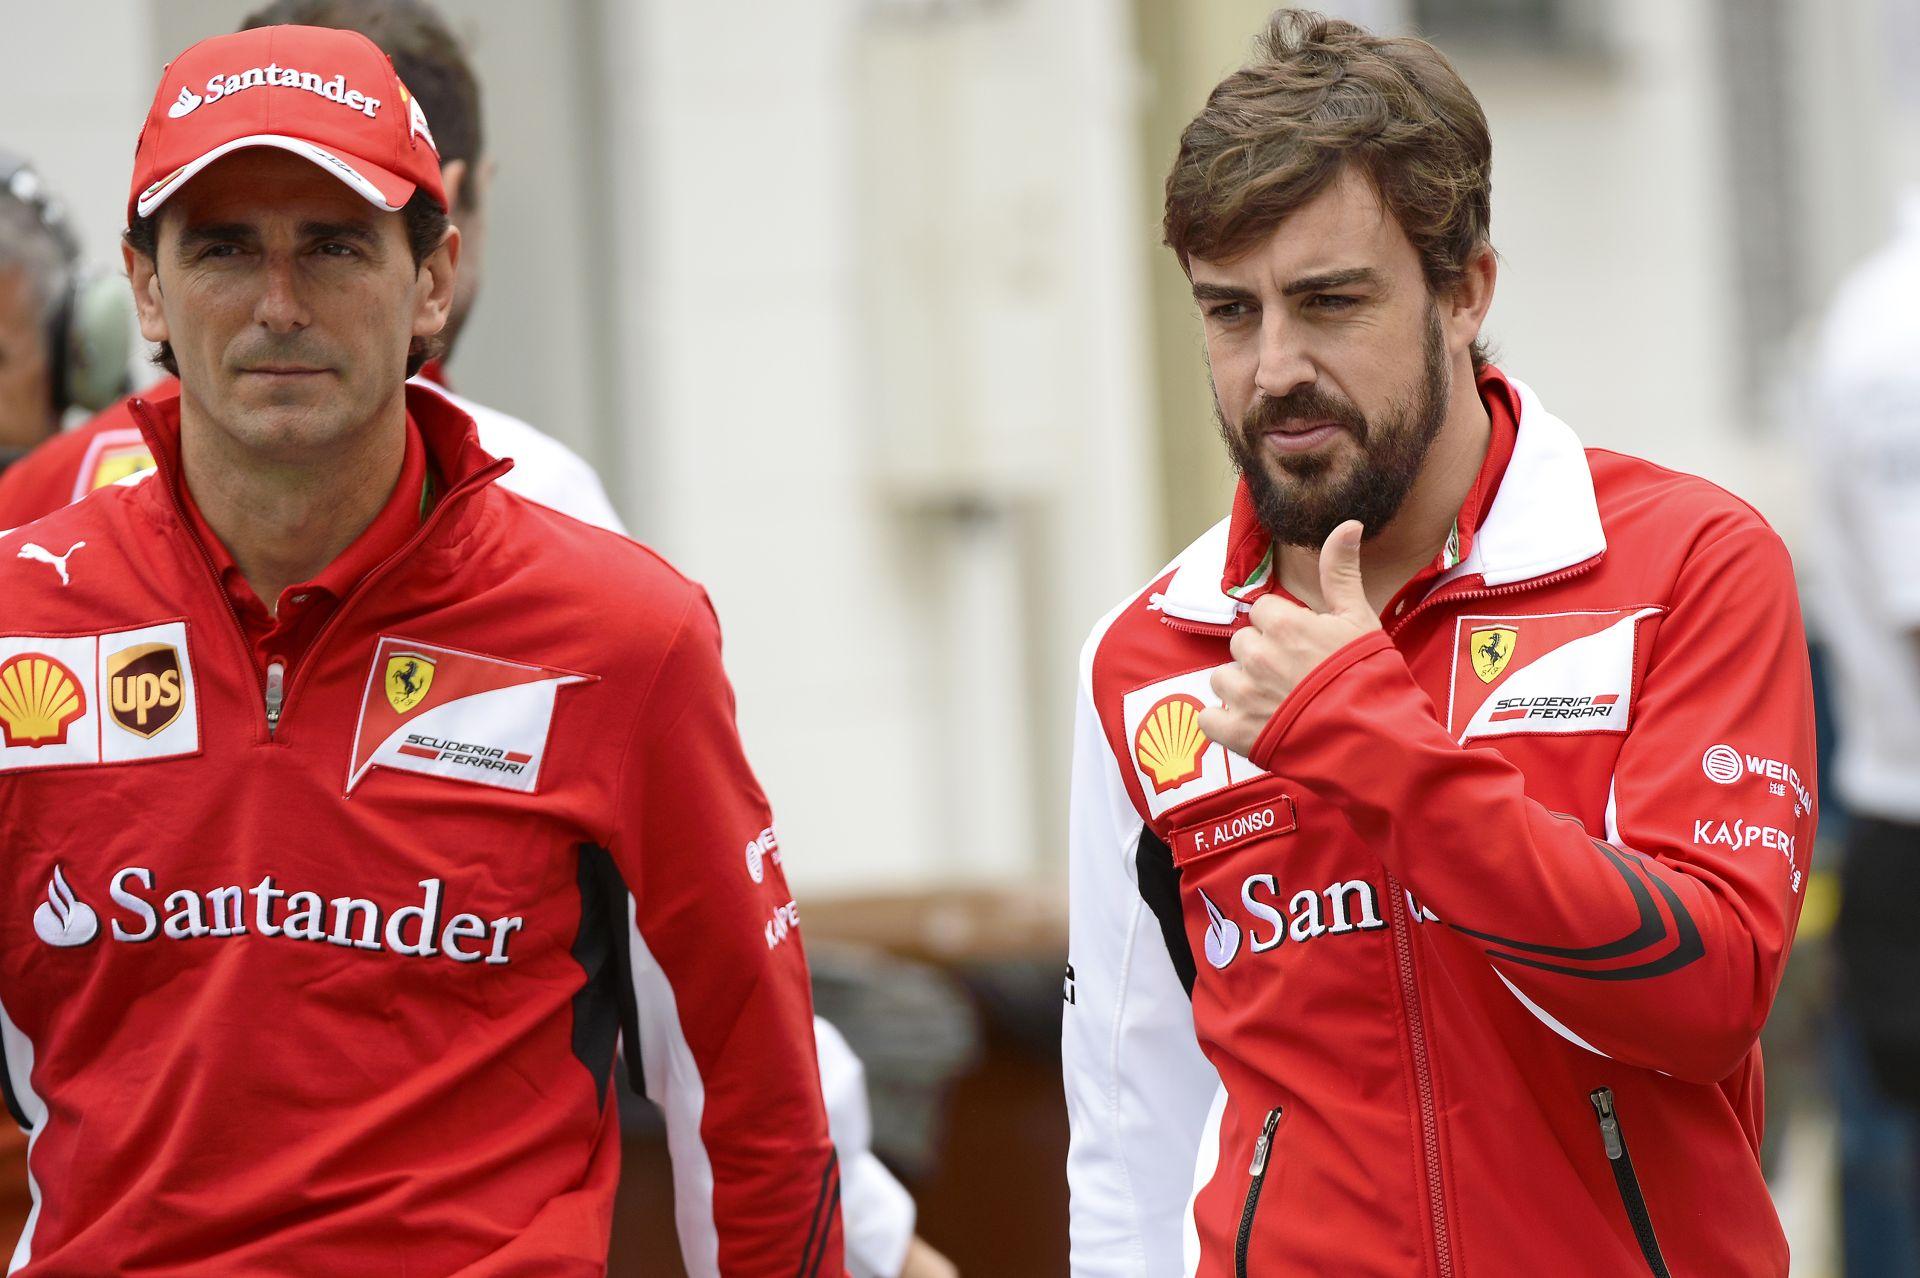 Alonso: Két bajnokságot nyertem és két bajnokságot vesztettem el ezen a pályán